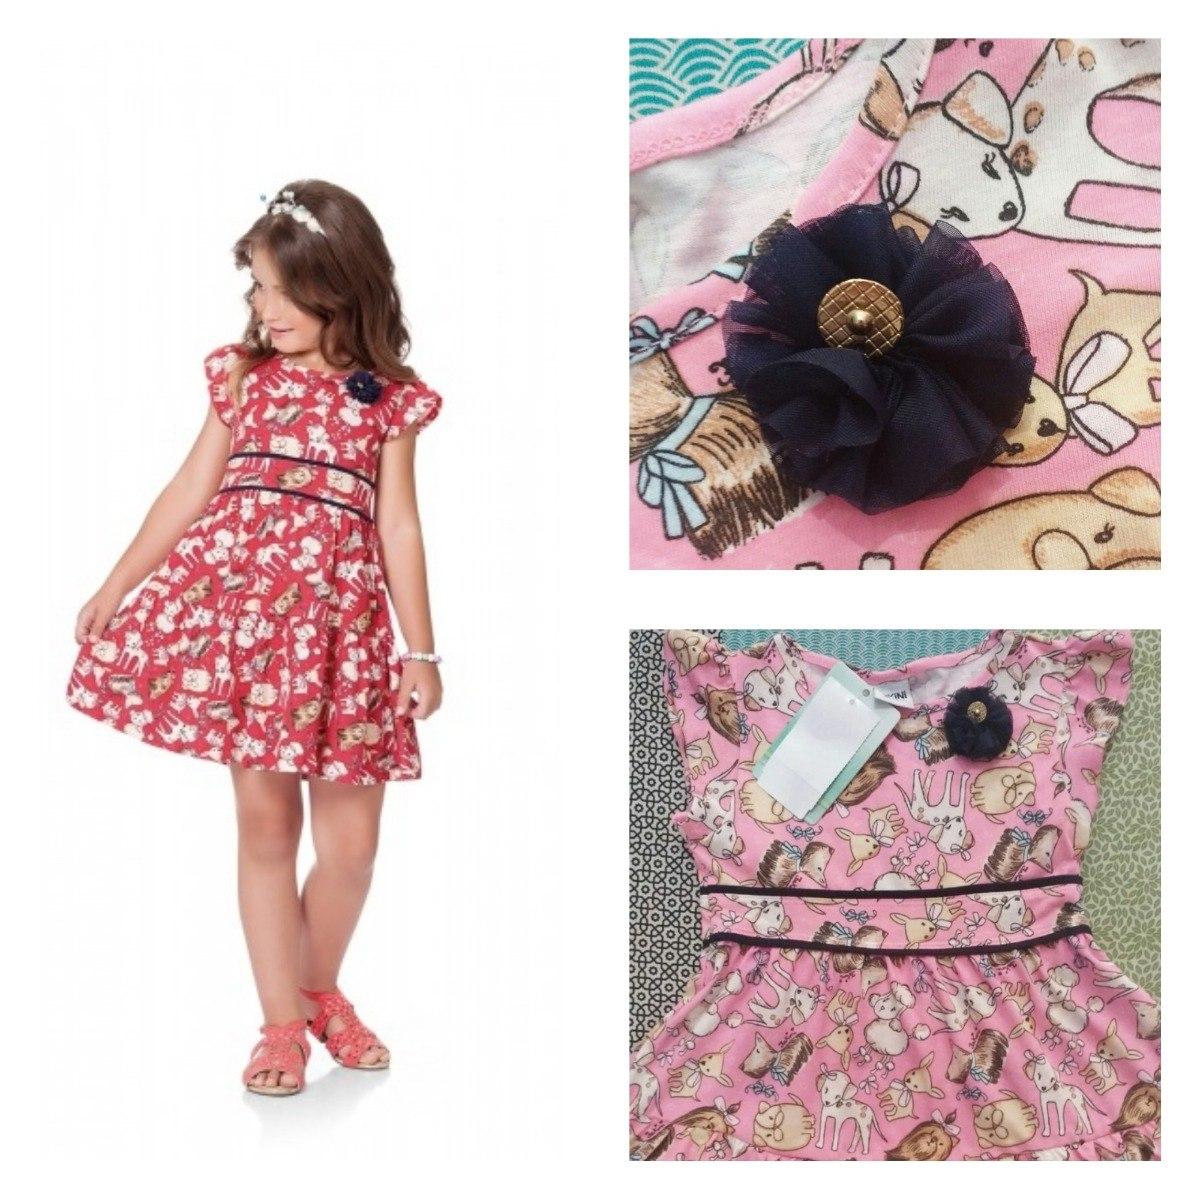 a7bf449f2b8b lote 3 vestidos infantil feminino tamanho 10 anos (lt 82). Carregando zoom.